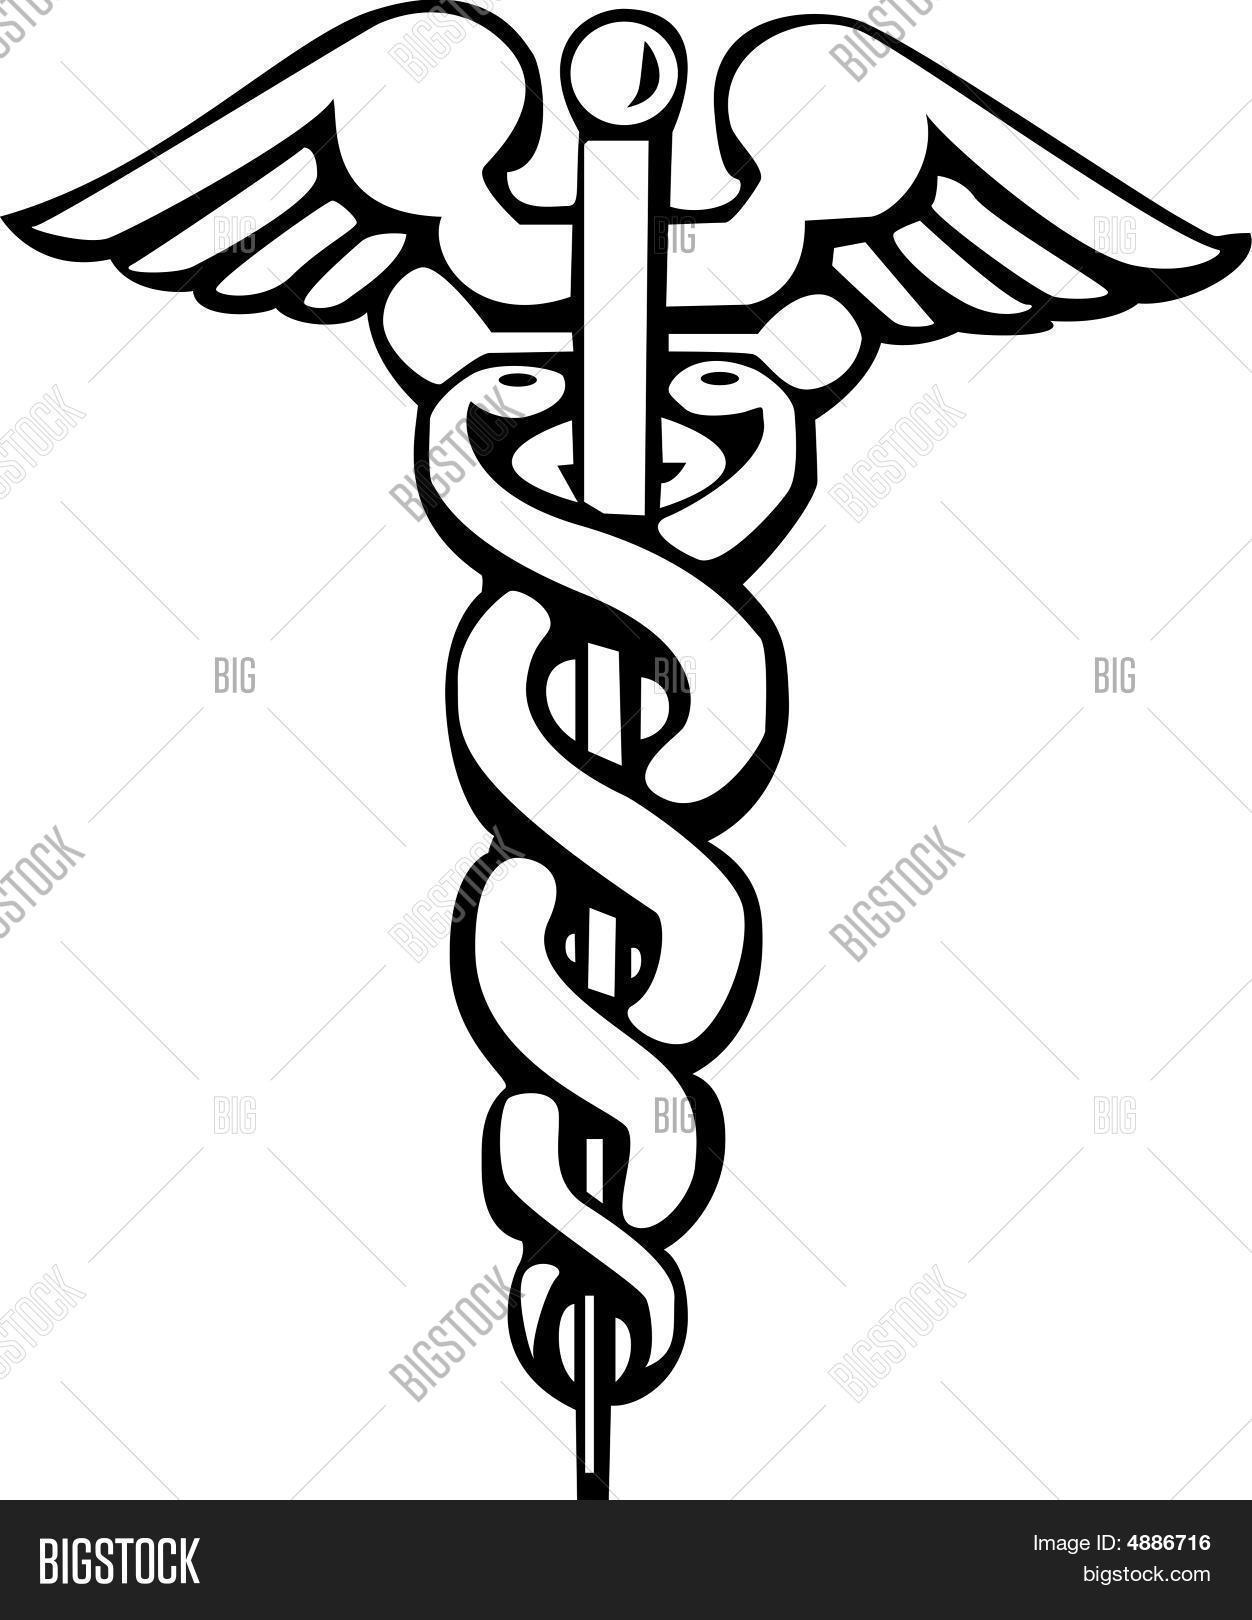 Caduceus Greek Sign Or Symbol Photo Stock